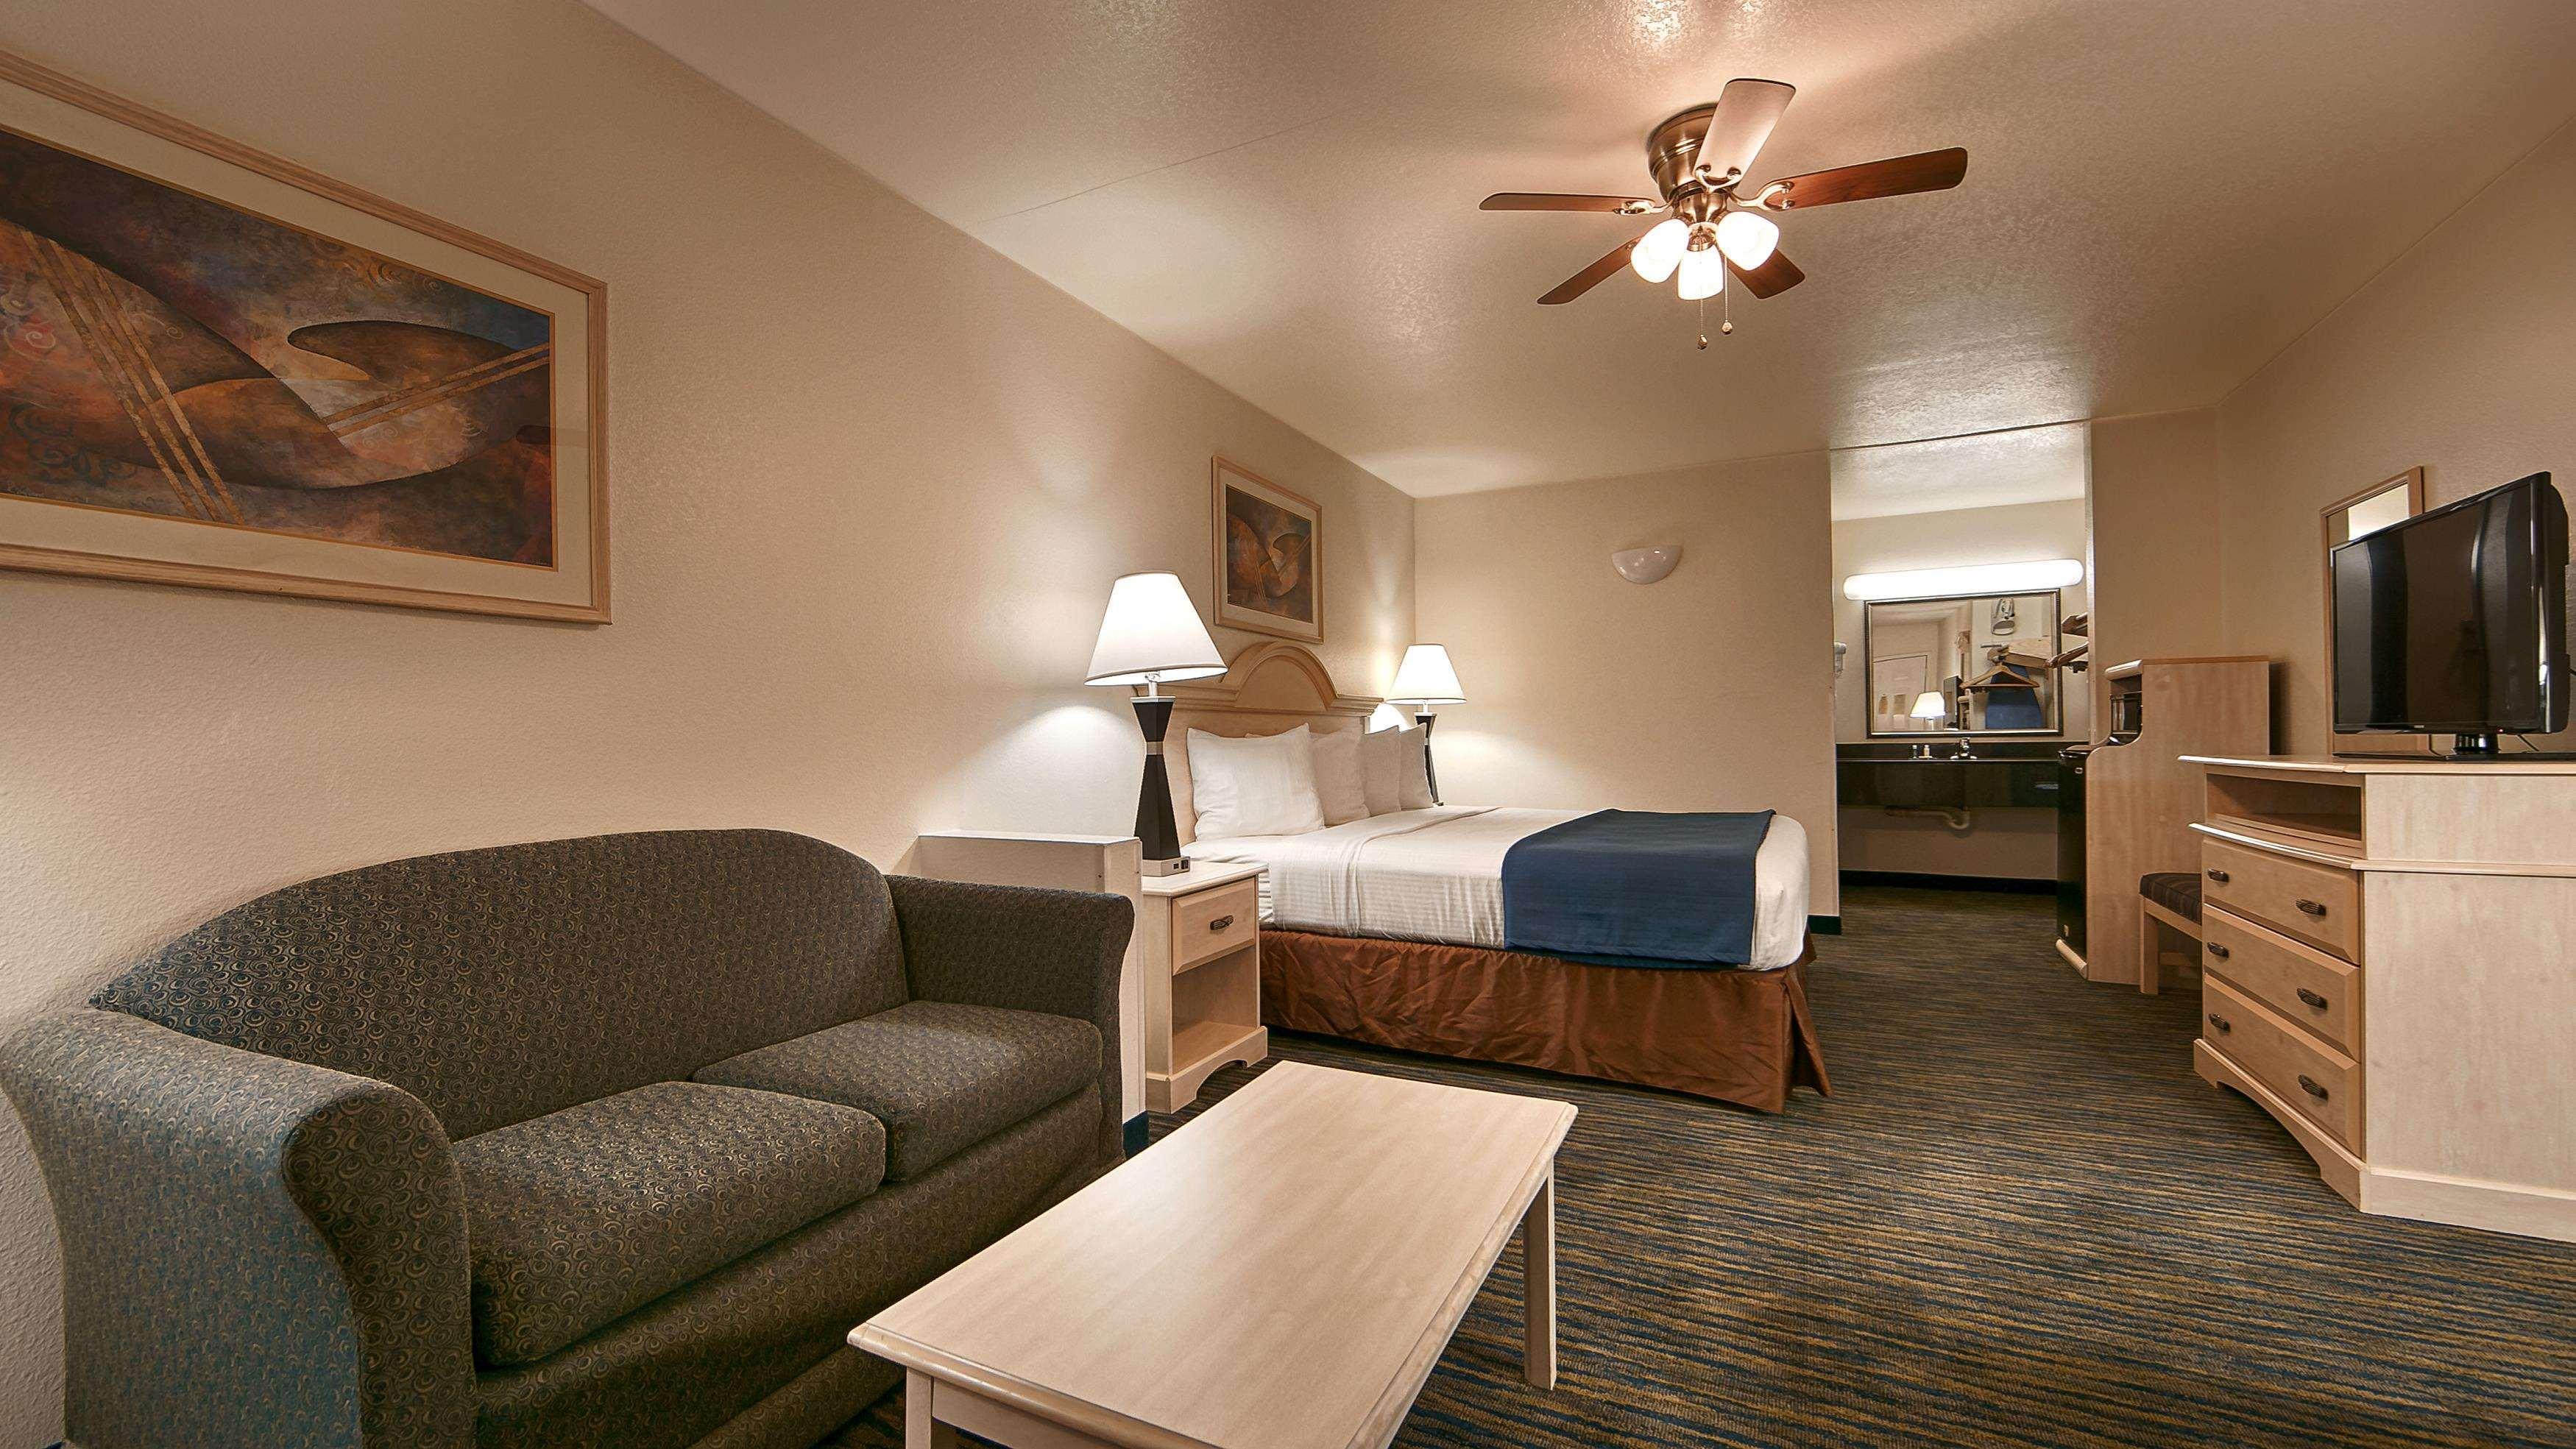 SureStay Hotel by Best Western Falfurrias image 48